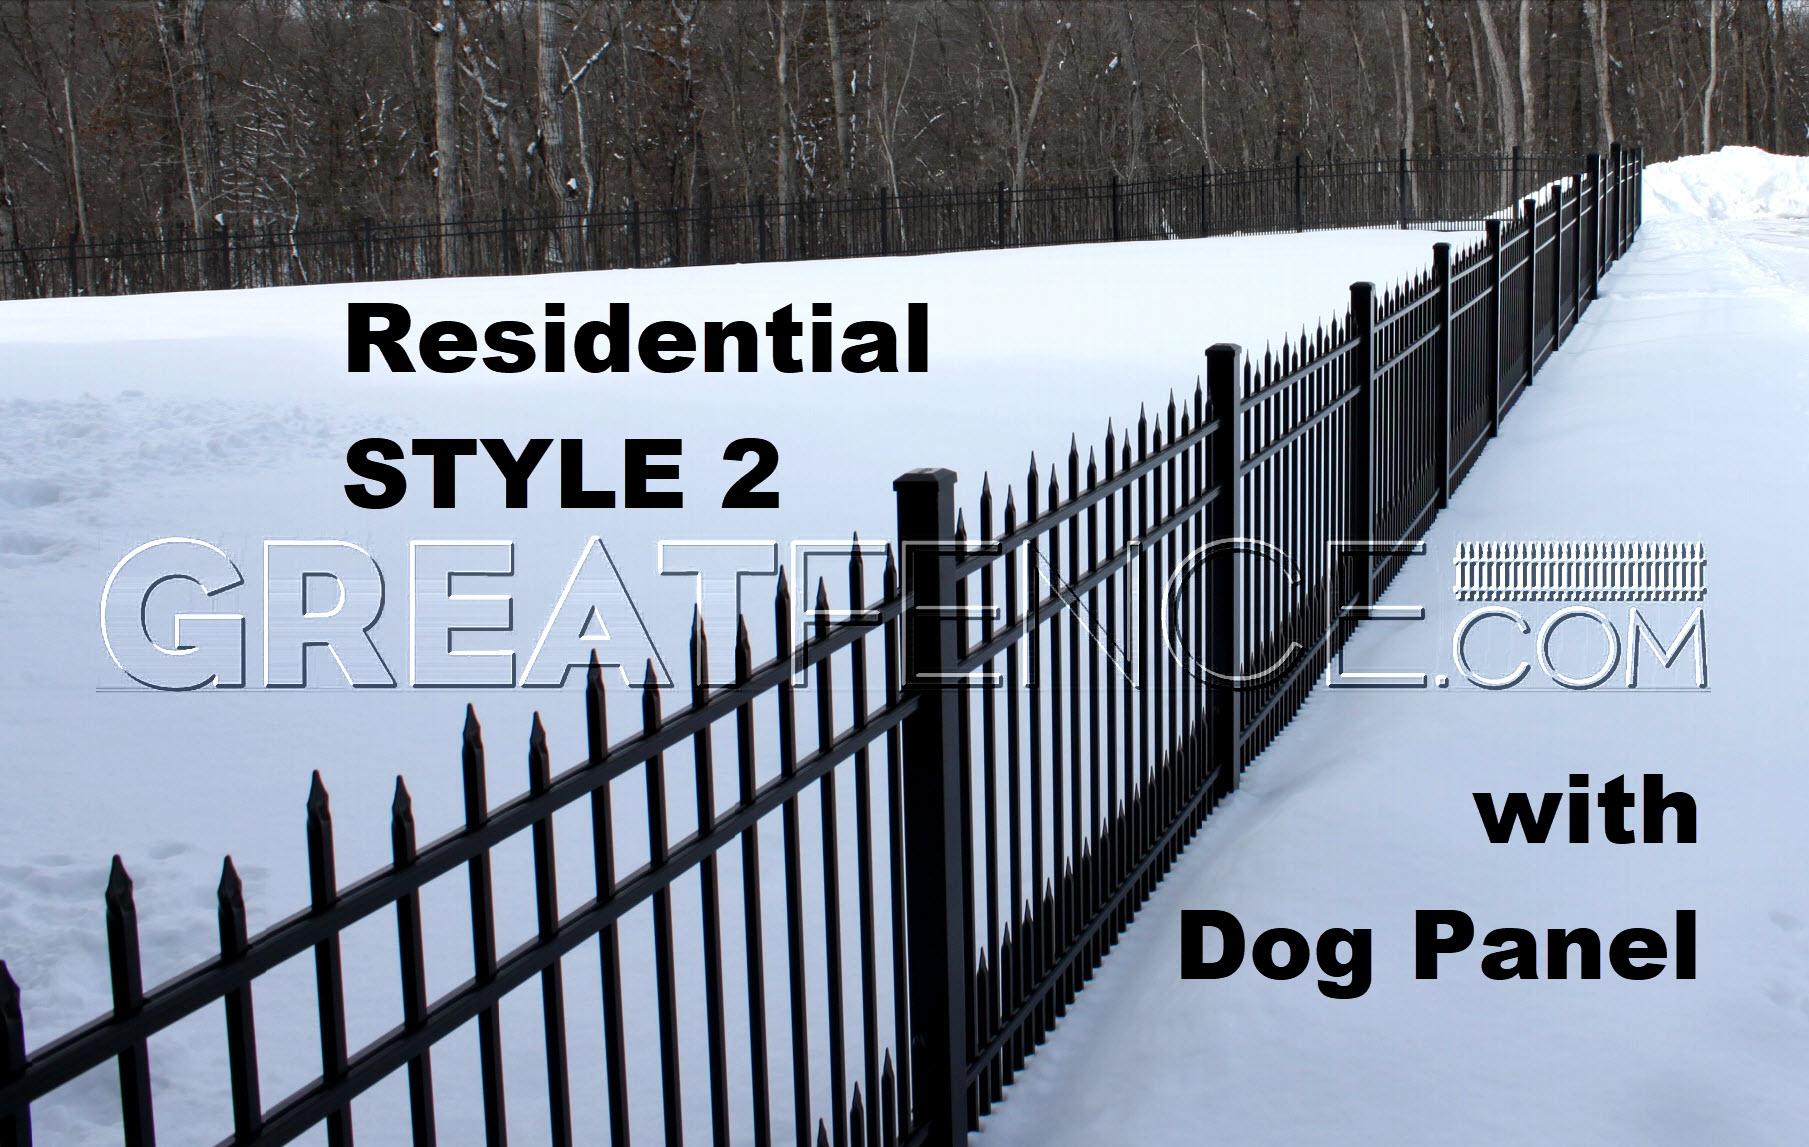 Aluminum Fence In Snow